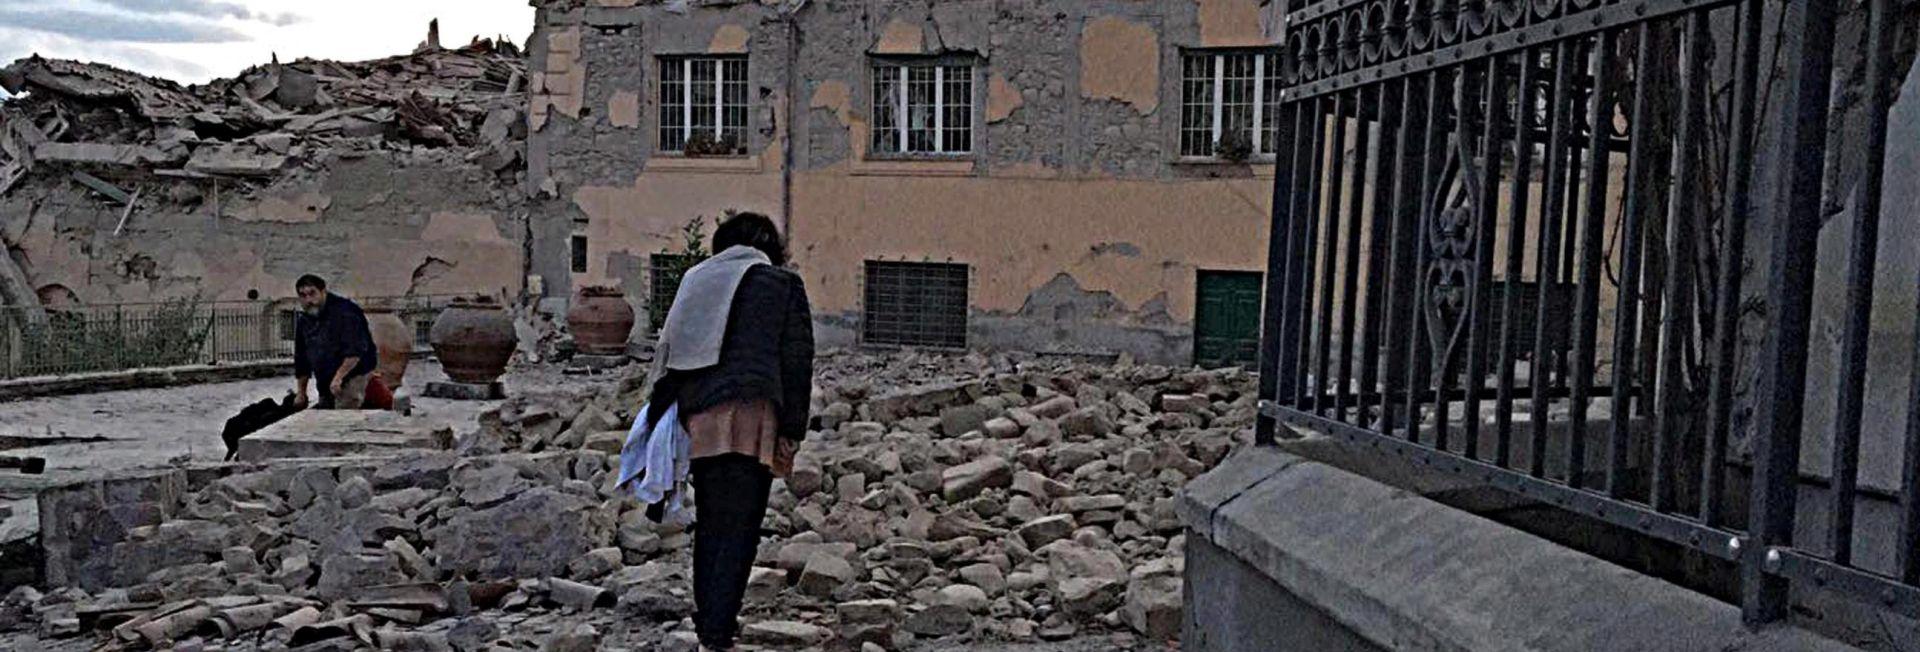 I DALJE TRAŽE PREŽIVJELE: Broj poginulih u potresu u Italiji narastao na 250